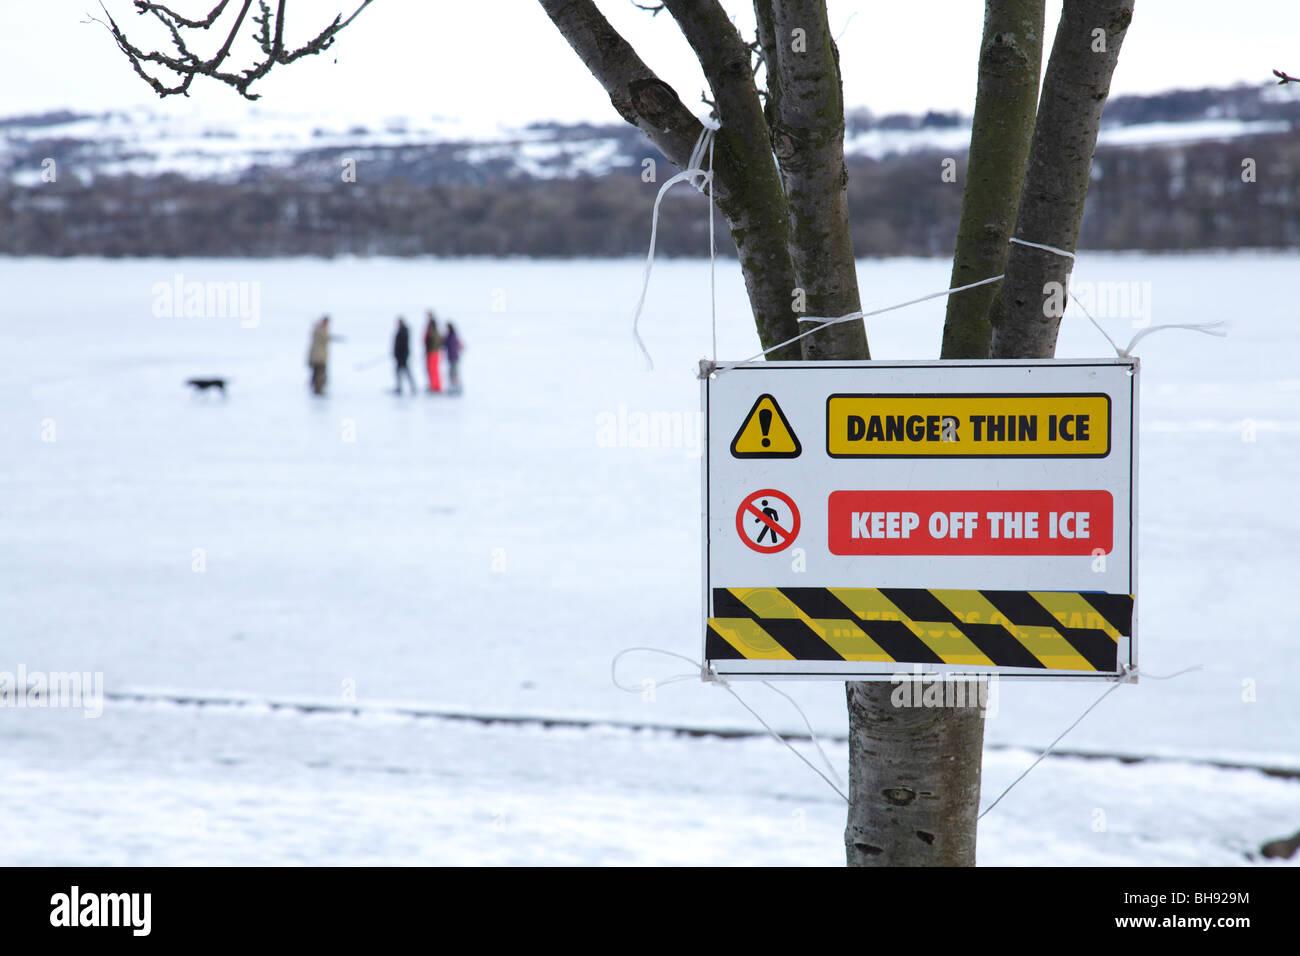 People on frozen Castle Semple Loch beside Thin Ice Warning sign, Muirshiel Regional Park, Lochwinnoch, Renfrewshire - Stock Image